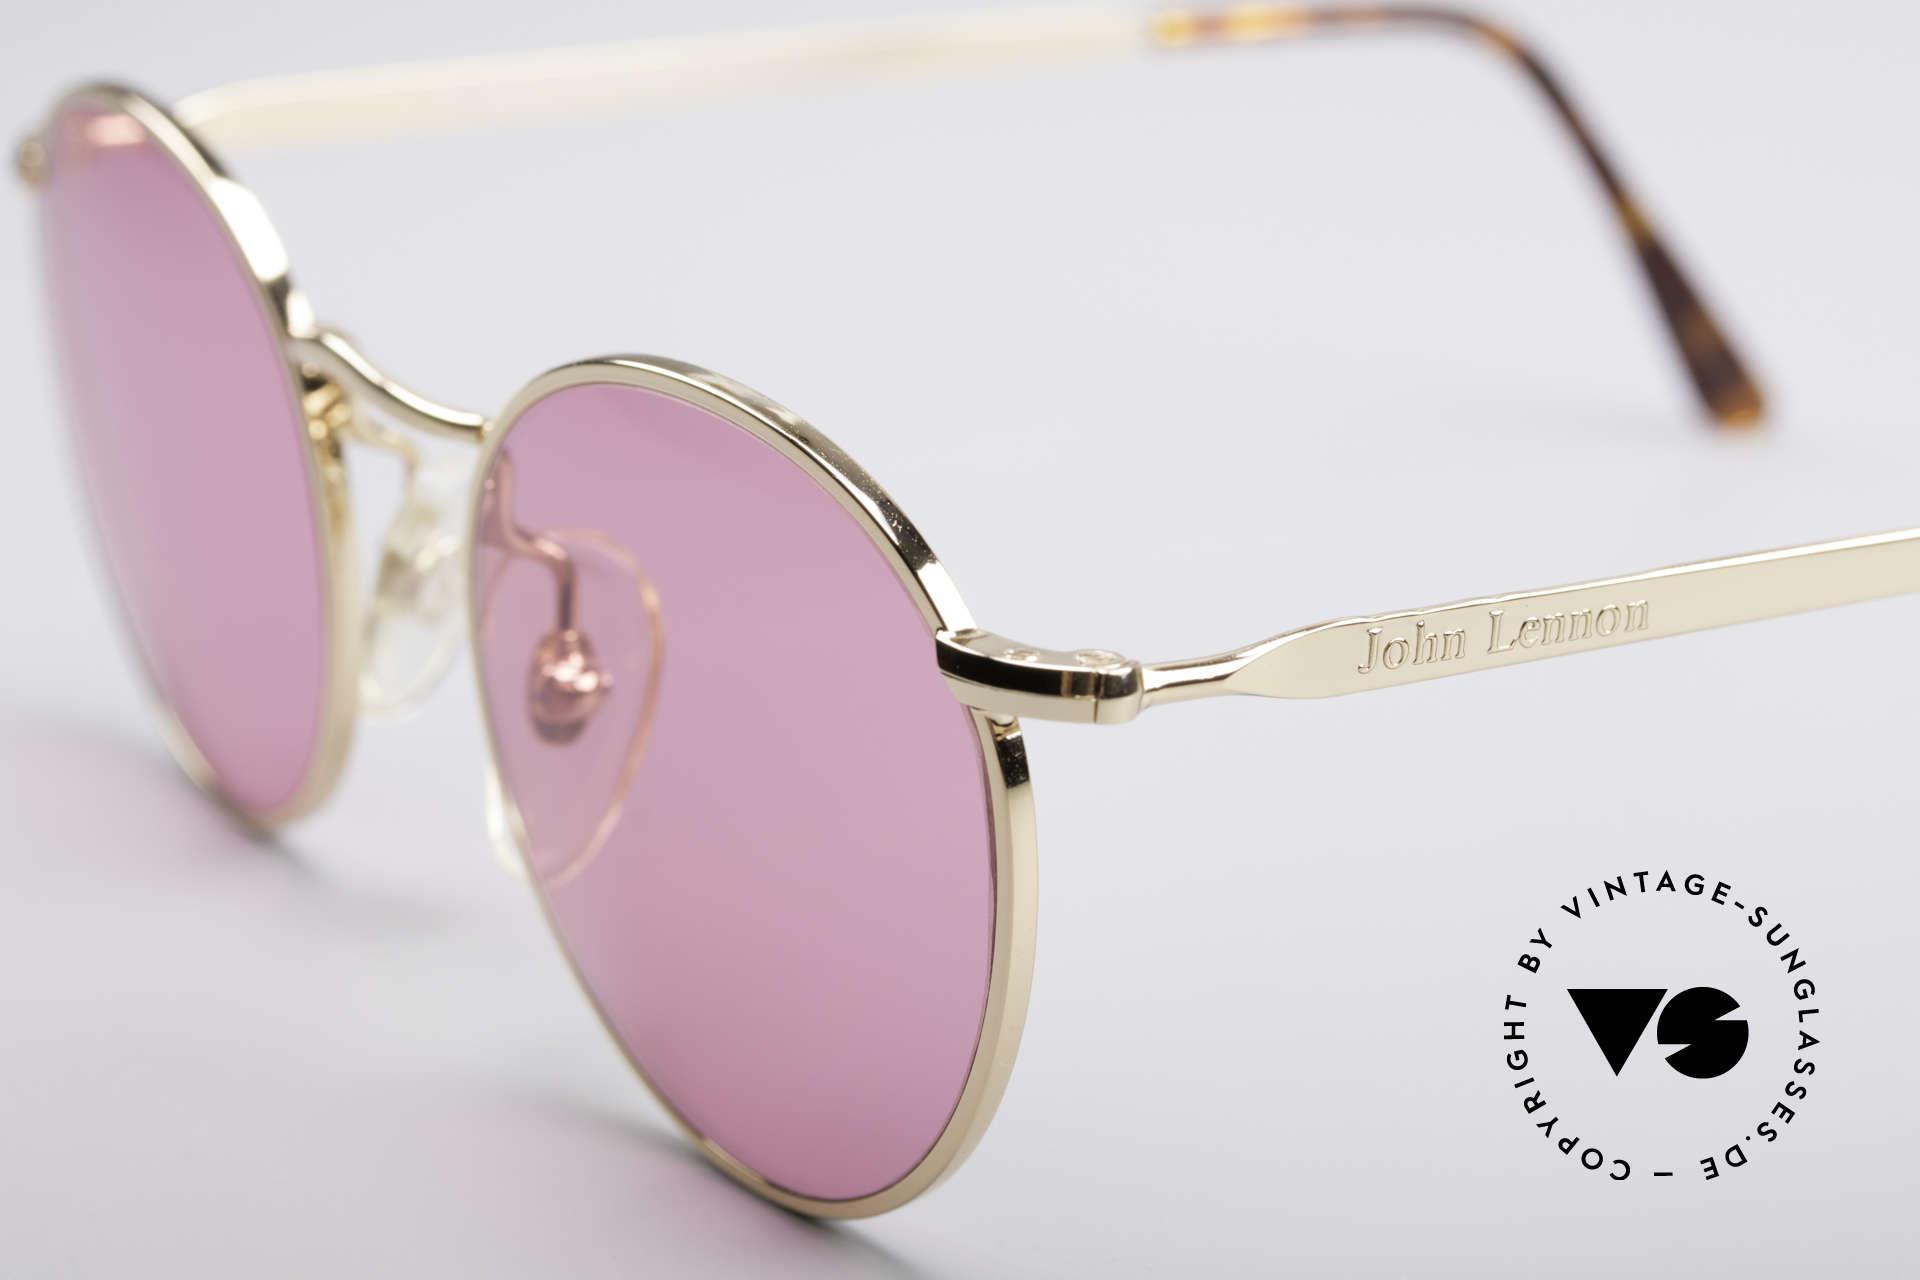 John Lennon - The Dreamer Die Rosarote Vintage Brille, pinke Gläser: sieh die Welt durch die rosarote Brille, Passend für Herren und Damen